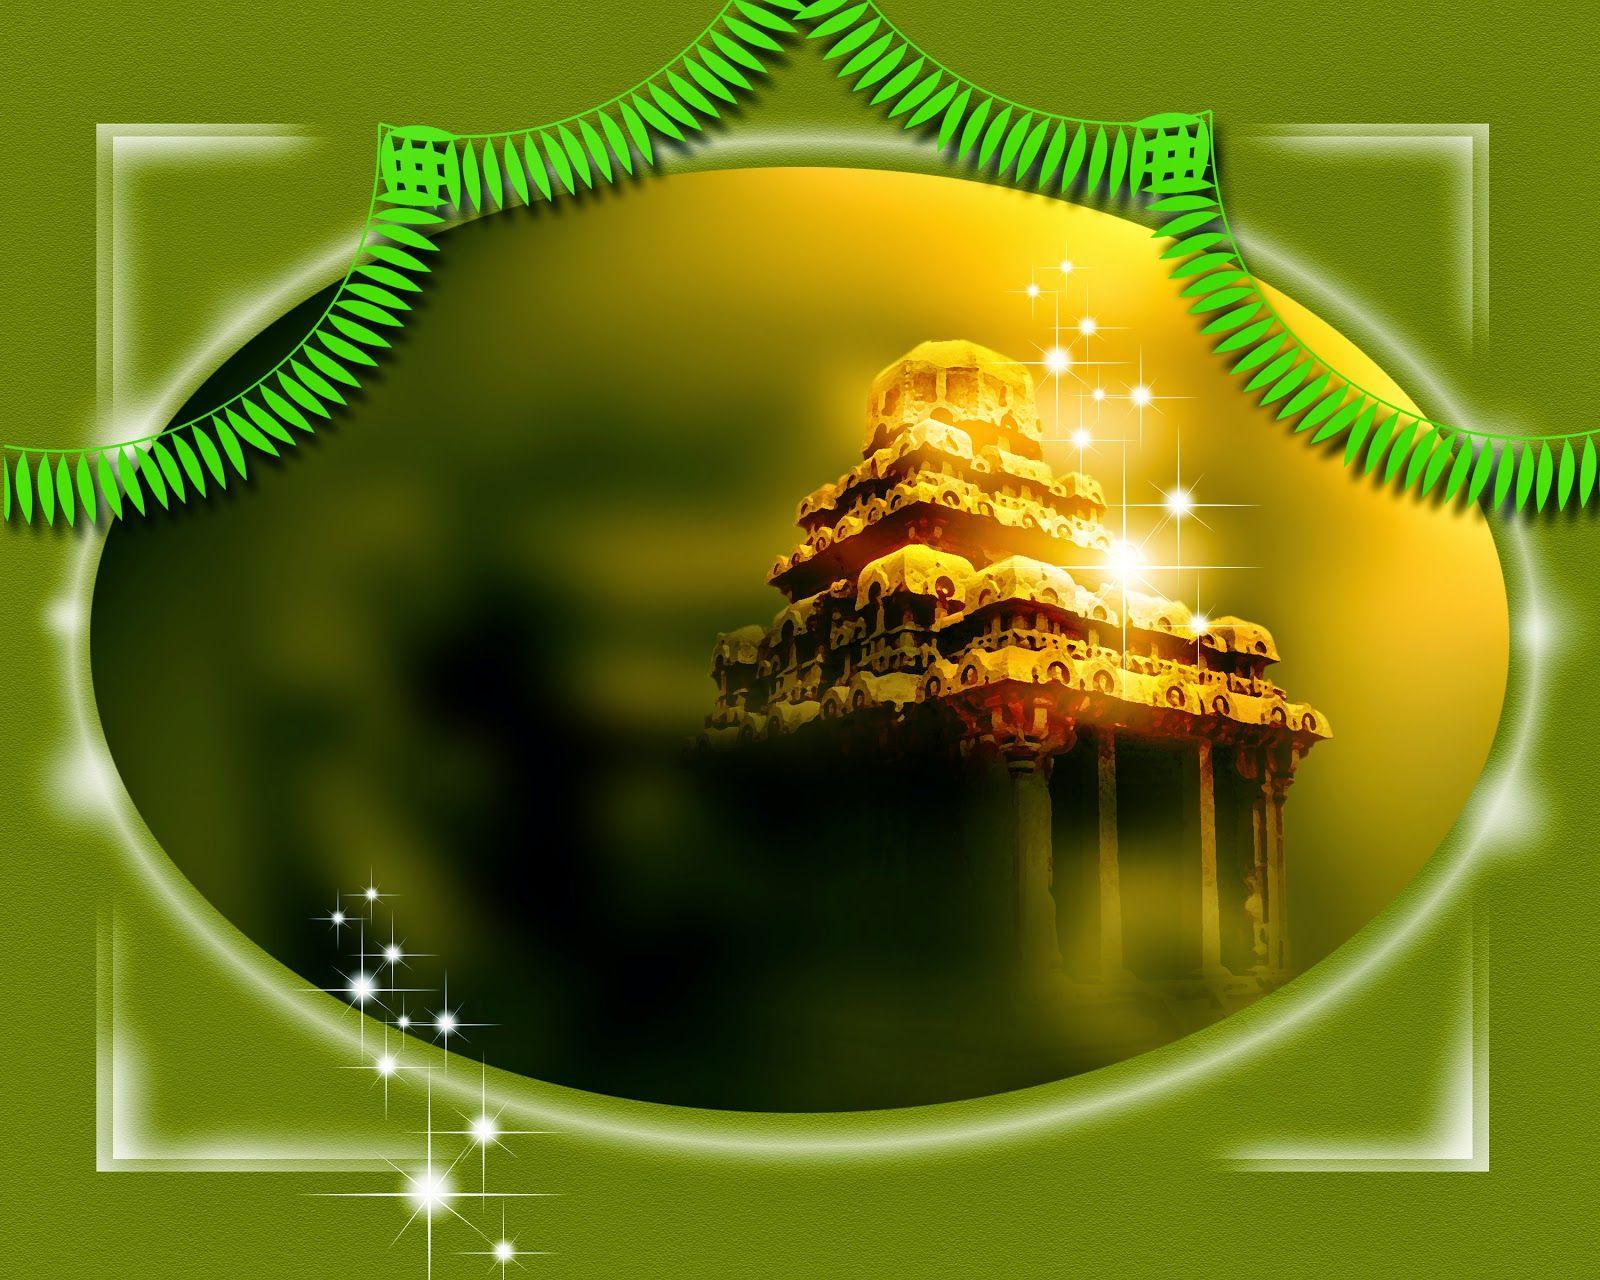 Indian Wedding Karizma Album Design 12x15 Free Download Wedding Photo Background Wedding Background Images Photo Album Design